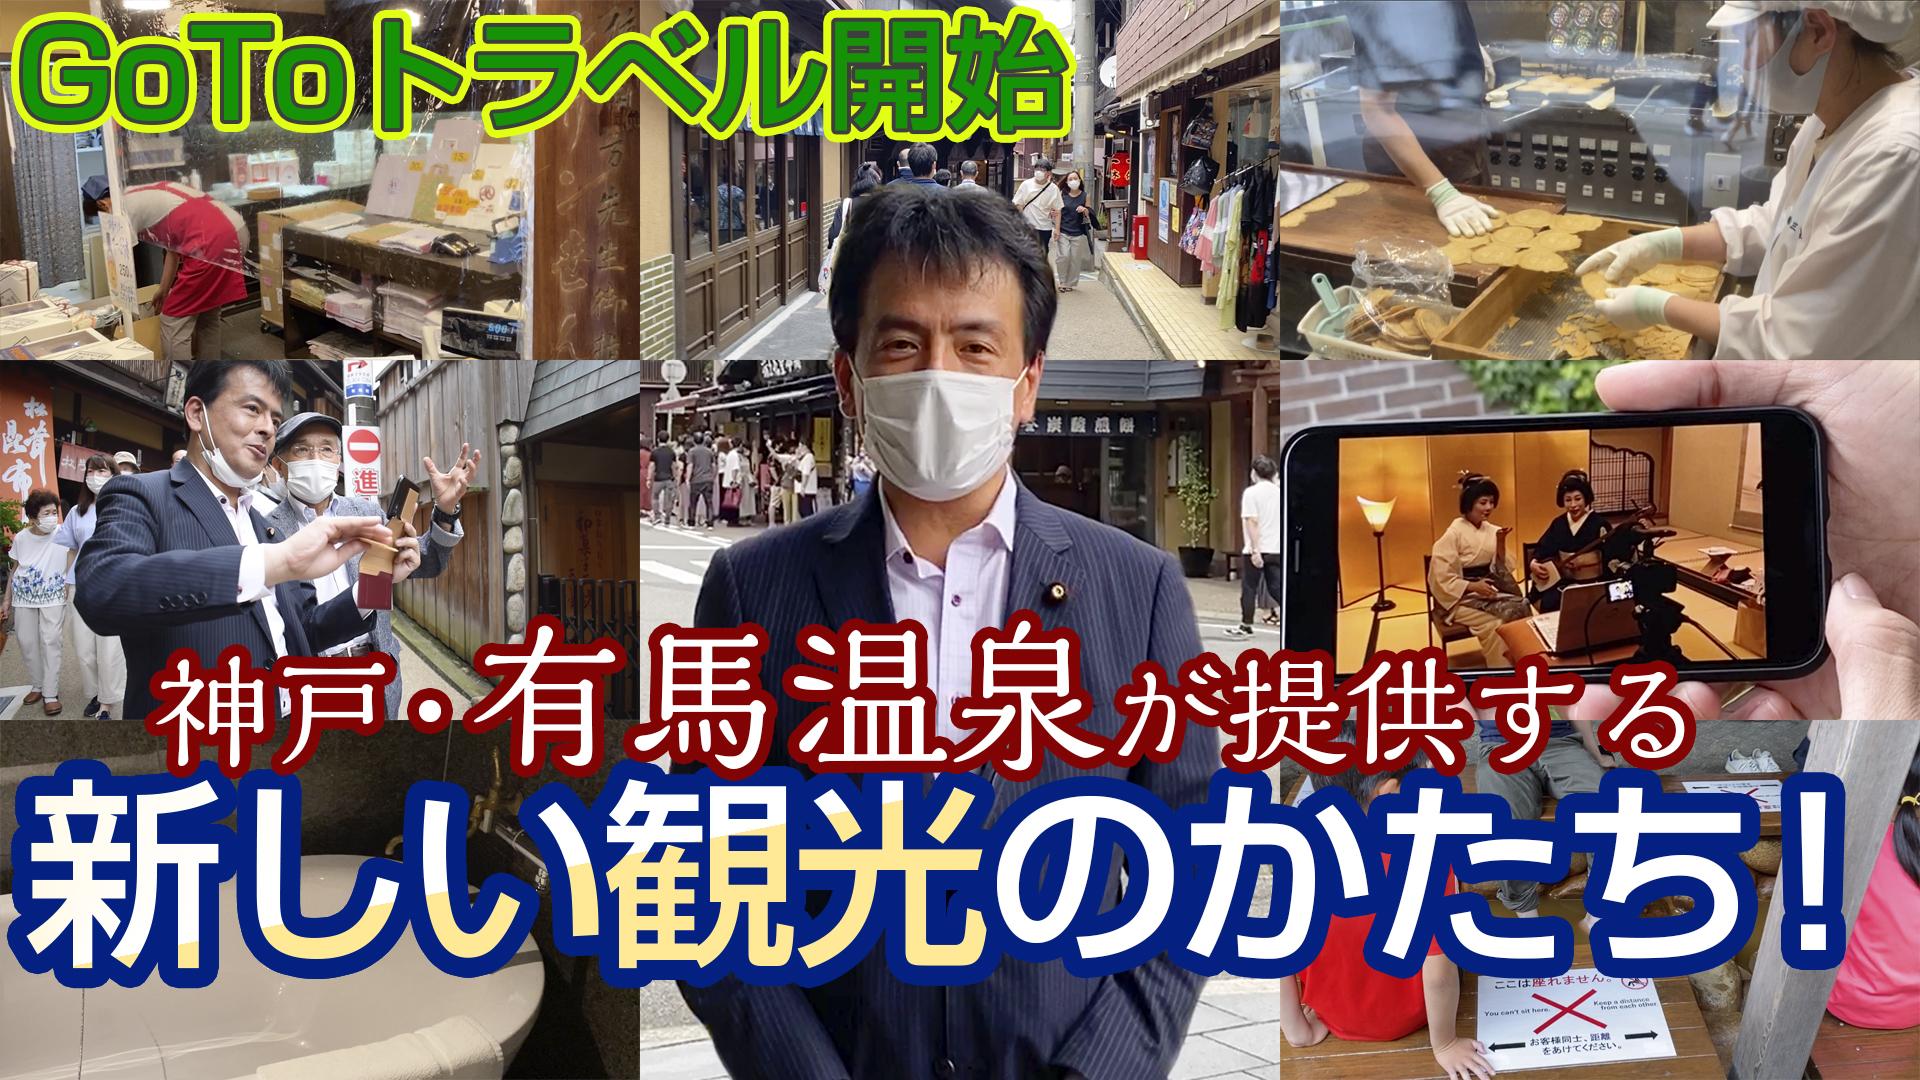 【『有馬温泉』が提供する新しい観光】 – 片山大介(カタヤマダイスケ) | 選挙ドットコム